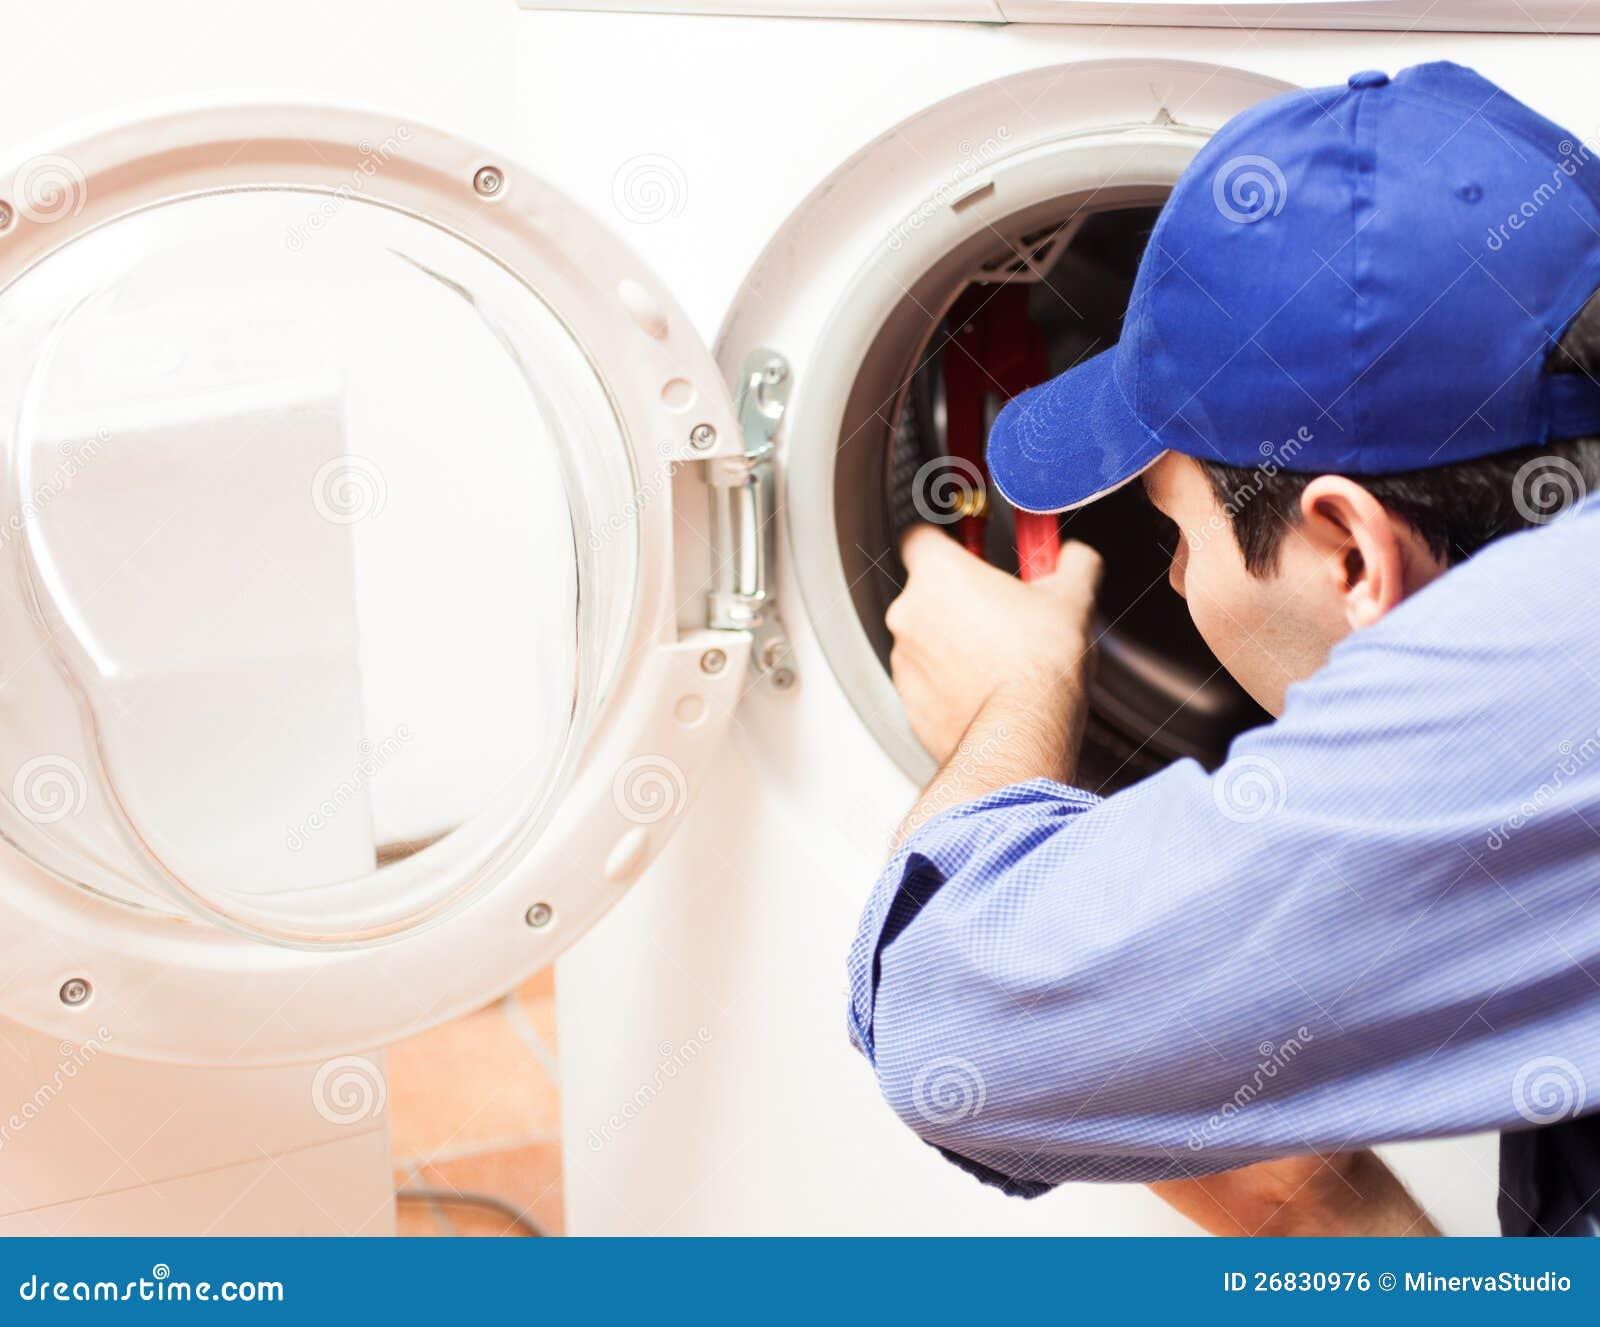 Washing Machine Repair Royalty Free Stock Image Image